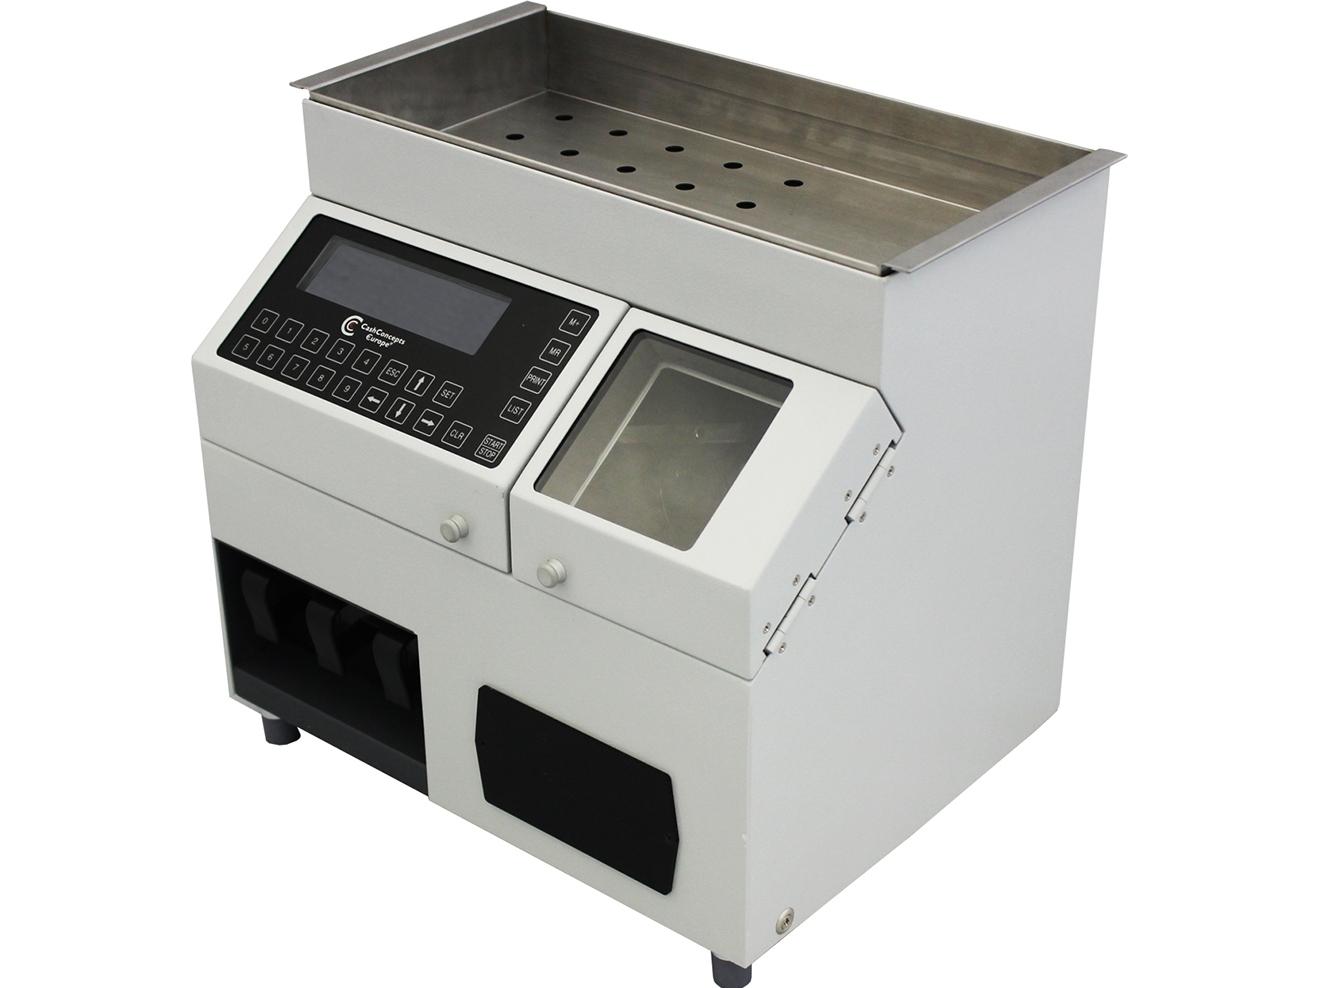 Monetų skaičiavimo aparatas CCE 417 Neo - Euro